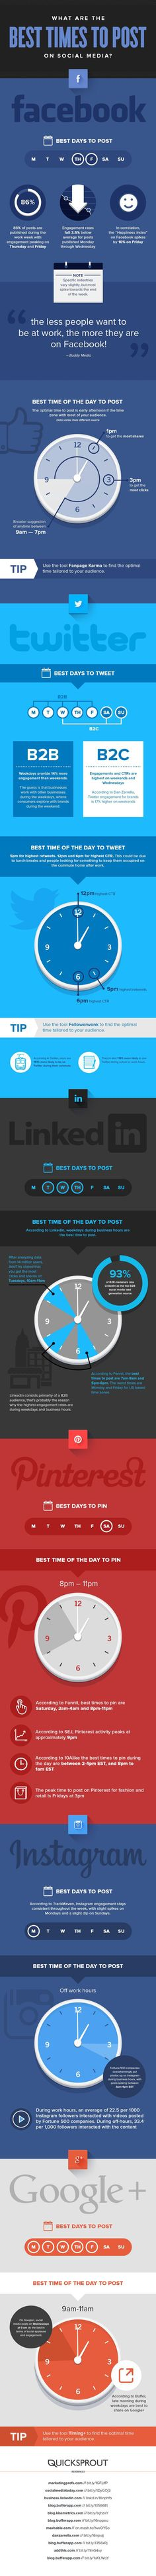 ¿Cuáles son los mejores horarios para publicar en Social Media? via @josefacchin